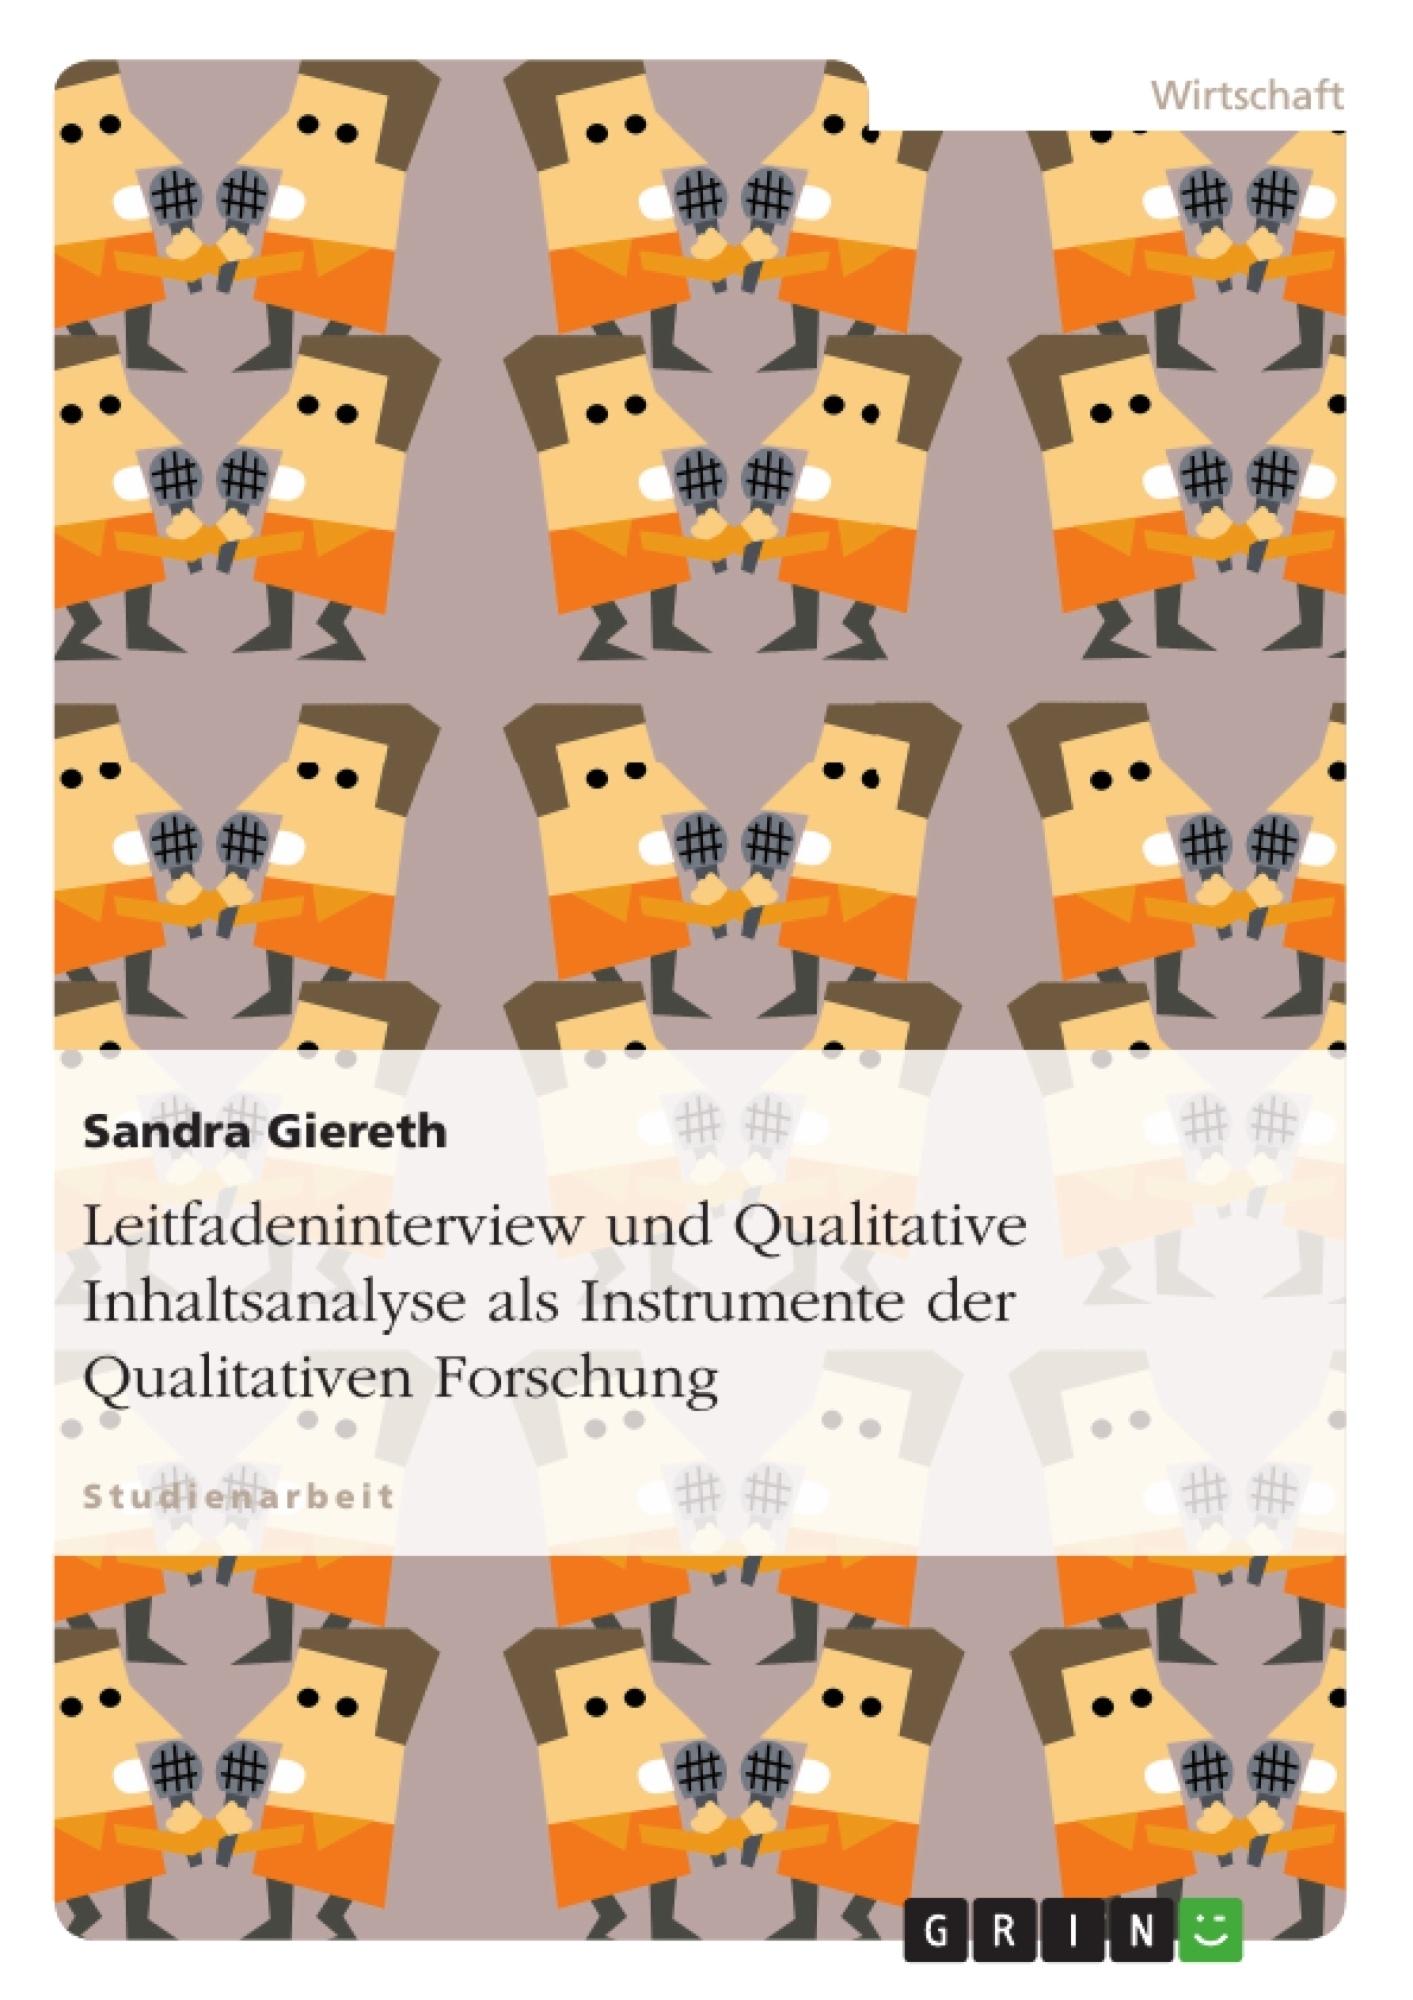 Titel: Leitfadeninterview und Qualitative Inhaltsanalyse als Instrumente der Qualitativen Forschung